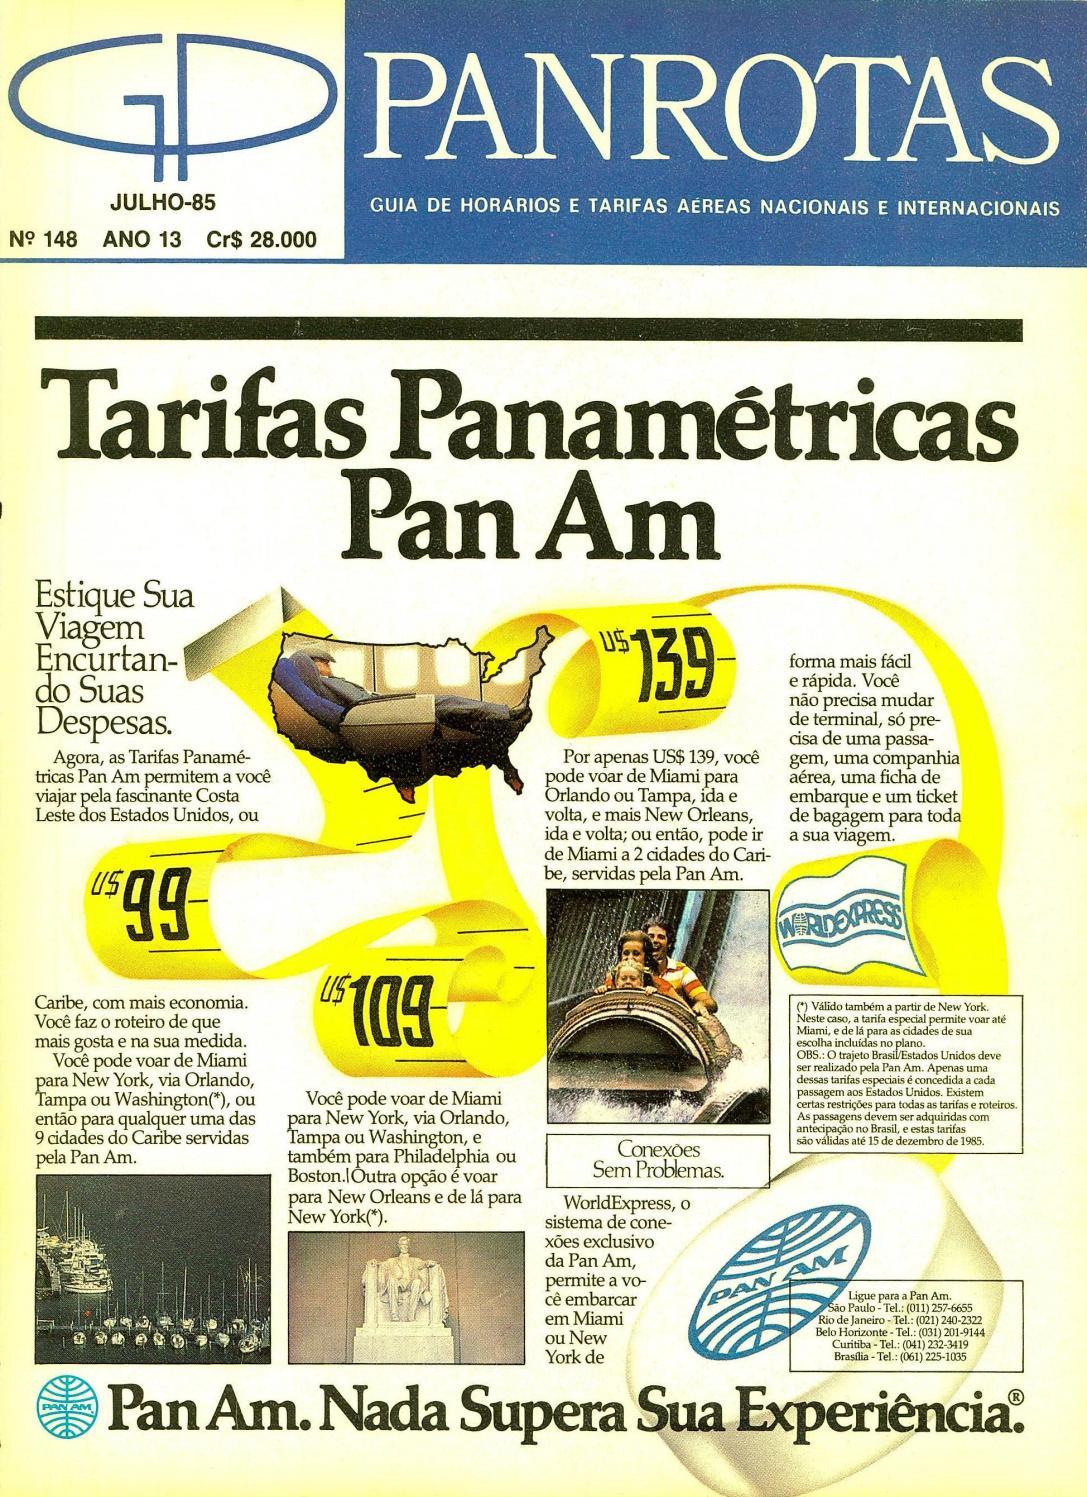 aab25c7021c Guia PANROTAS - Edição 148 - Julho 1985 by PANROTAS Editora - issuu